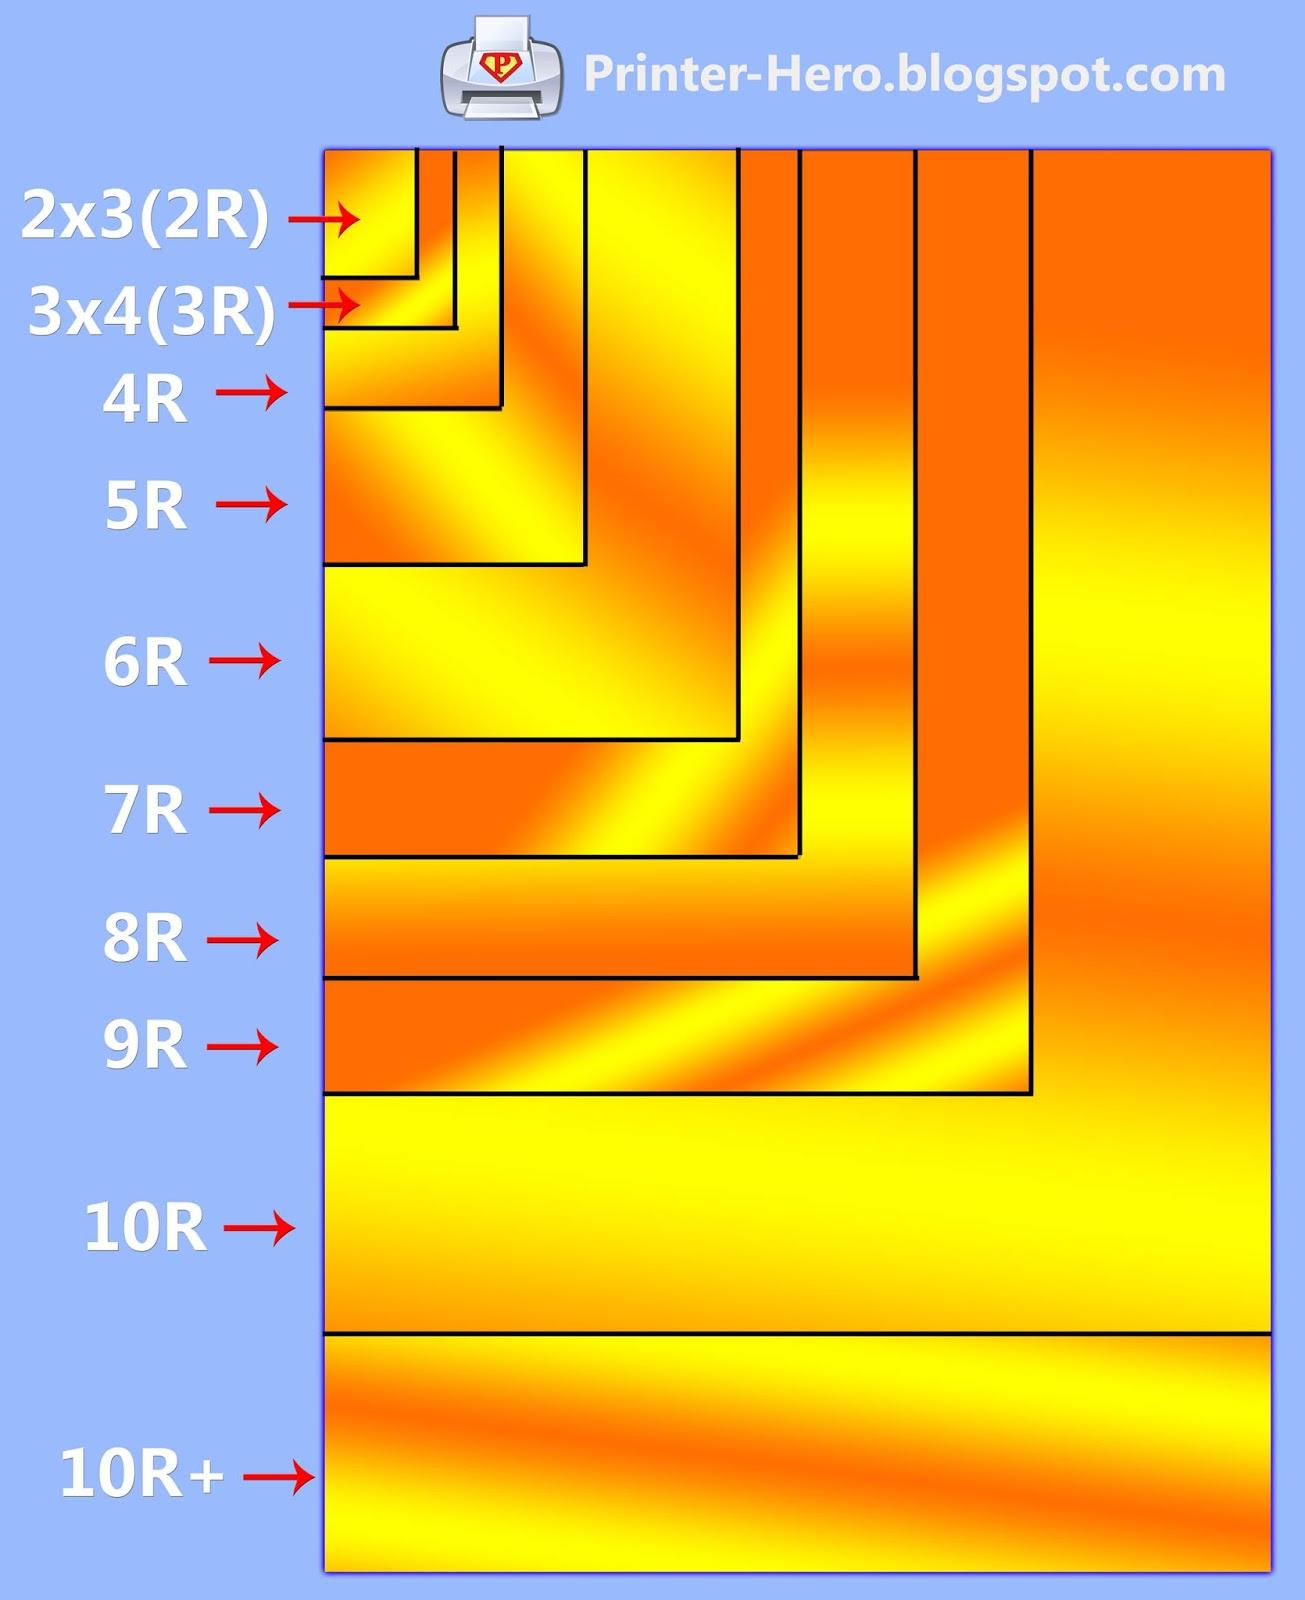 Ukuran foto 8r berapa cm 65